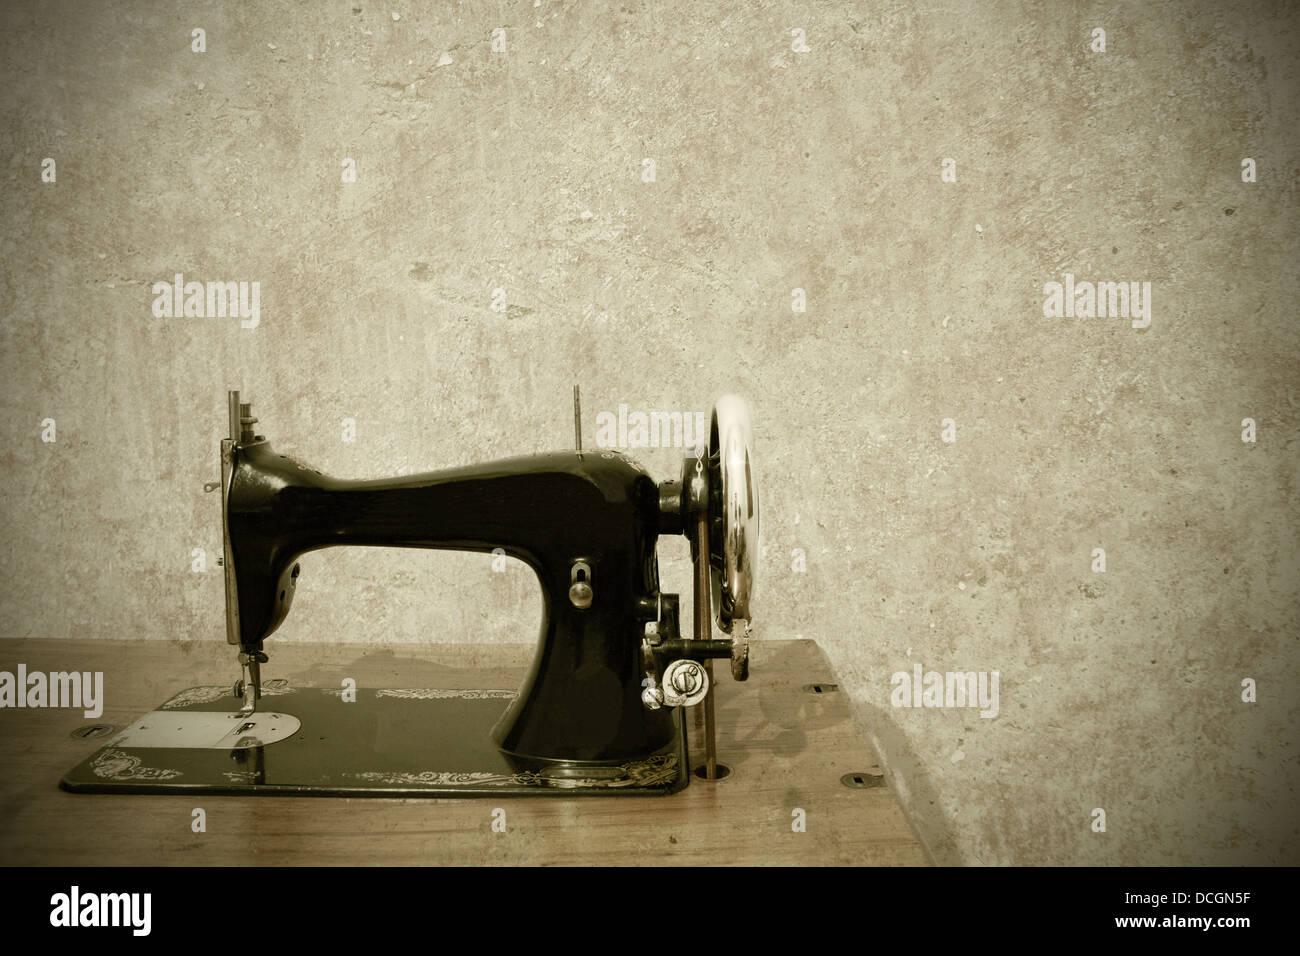 Una vecchia macchina da cucire su sfondo bianco Immagini Stock